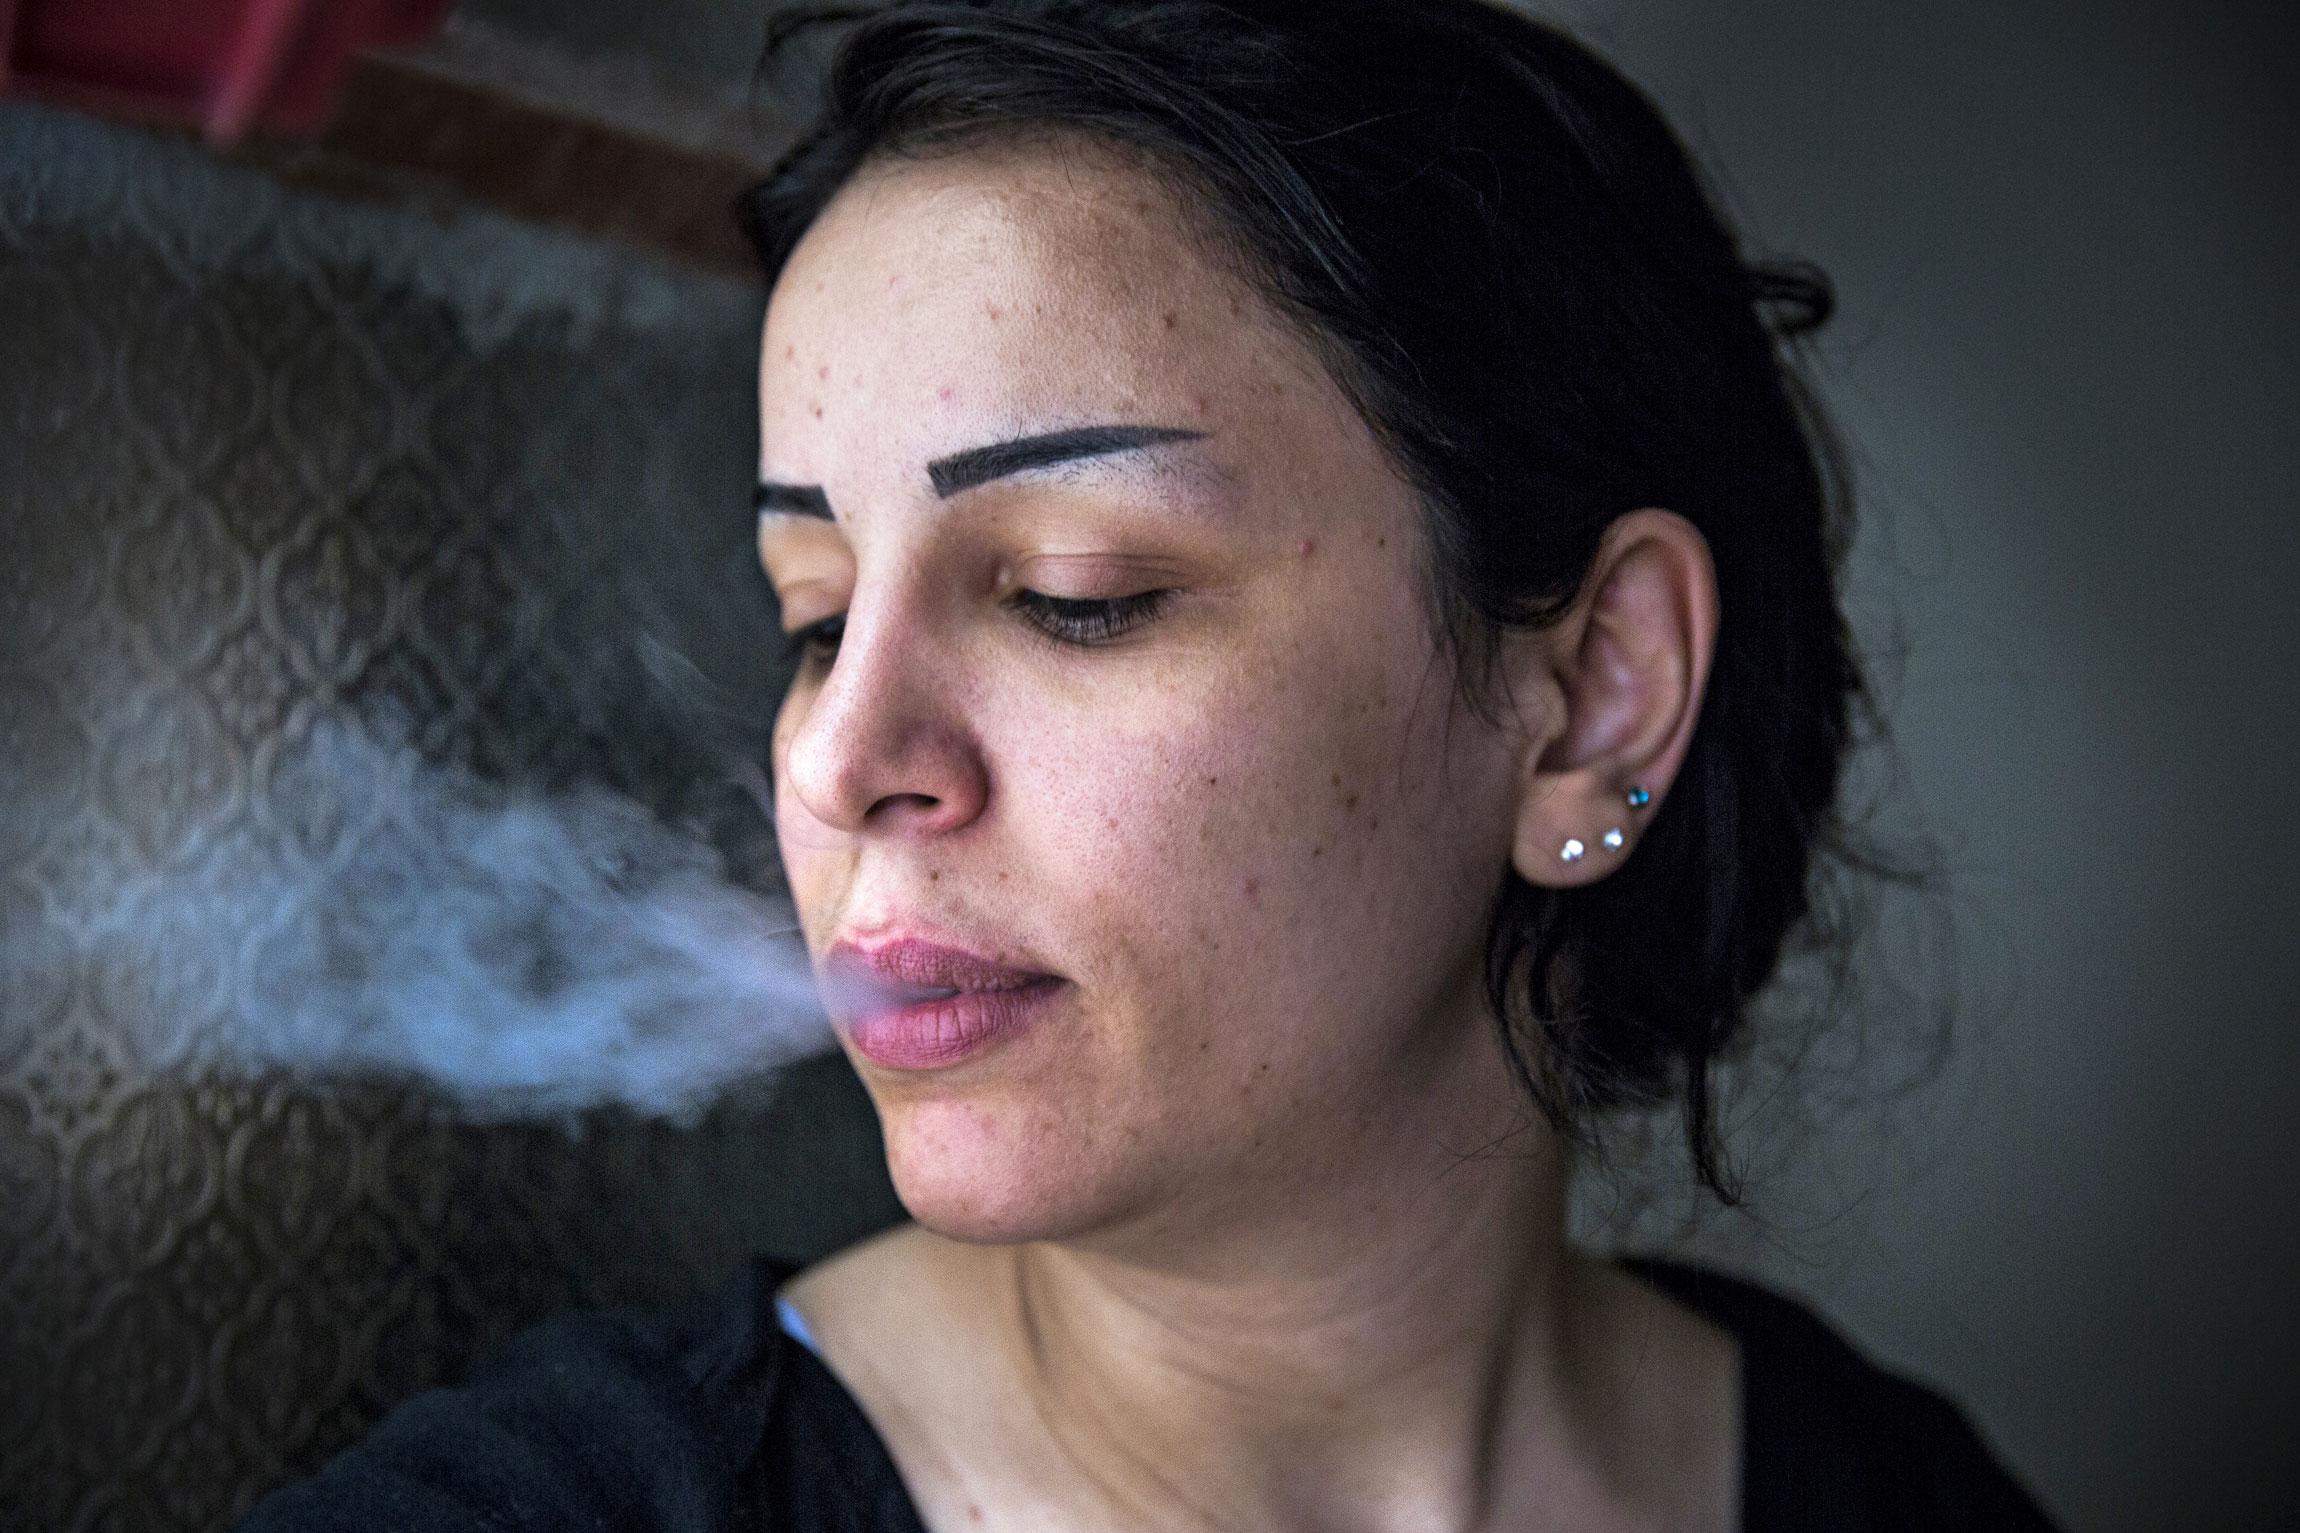 Syyriasta Shatilaan tullut palestiinalainen Maryam Basyouni yrittää löytää valopilkkua tulevaisuudesta. Kolme perhettä asuu yhdessä asunnossa Shatilassa.